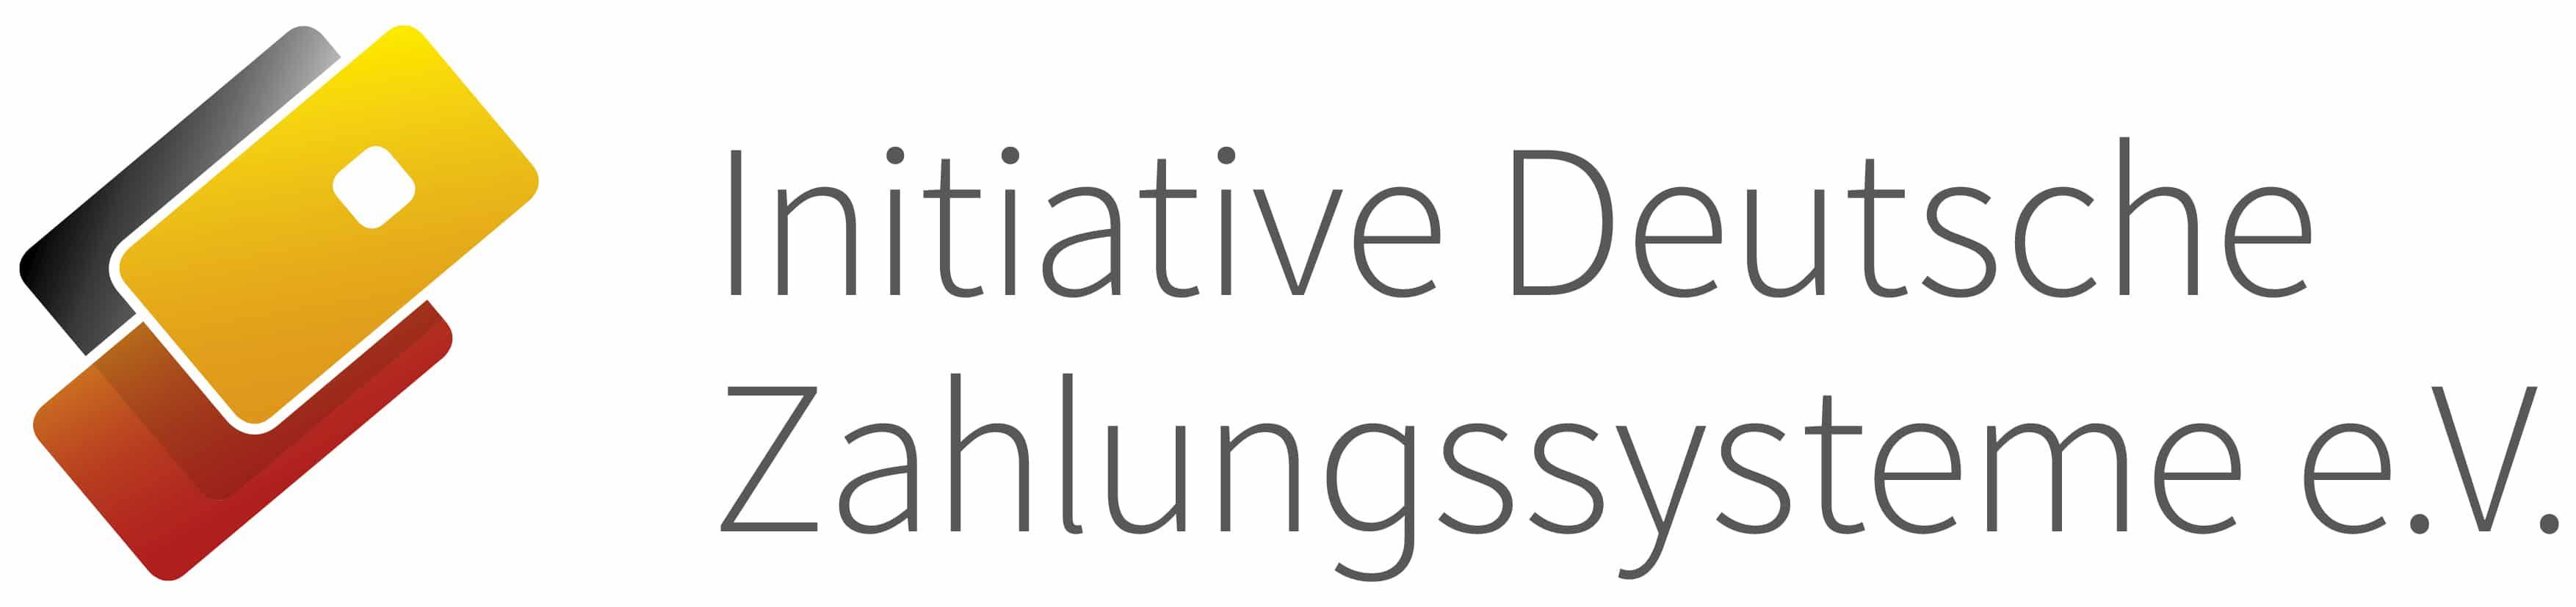 Logo der Initiative Deutsche Zahlungssysteme e.V.